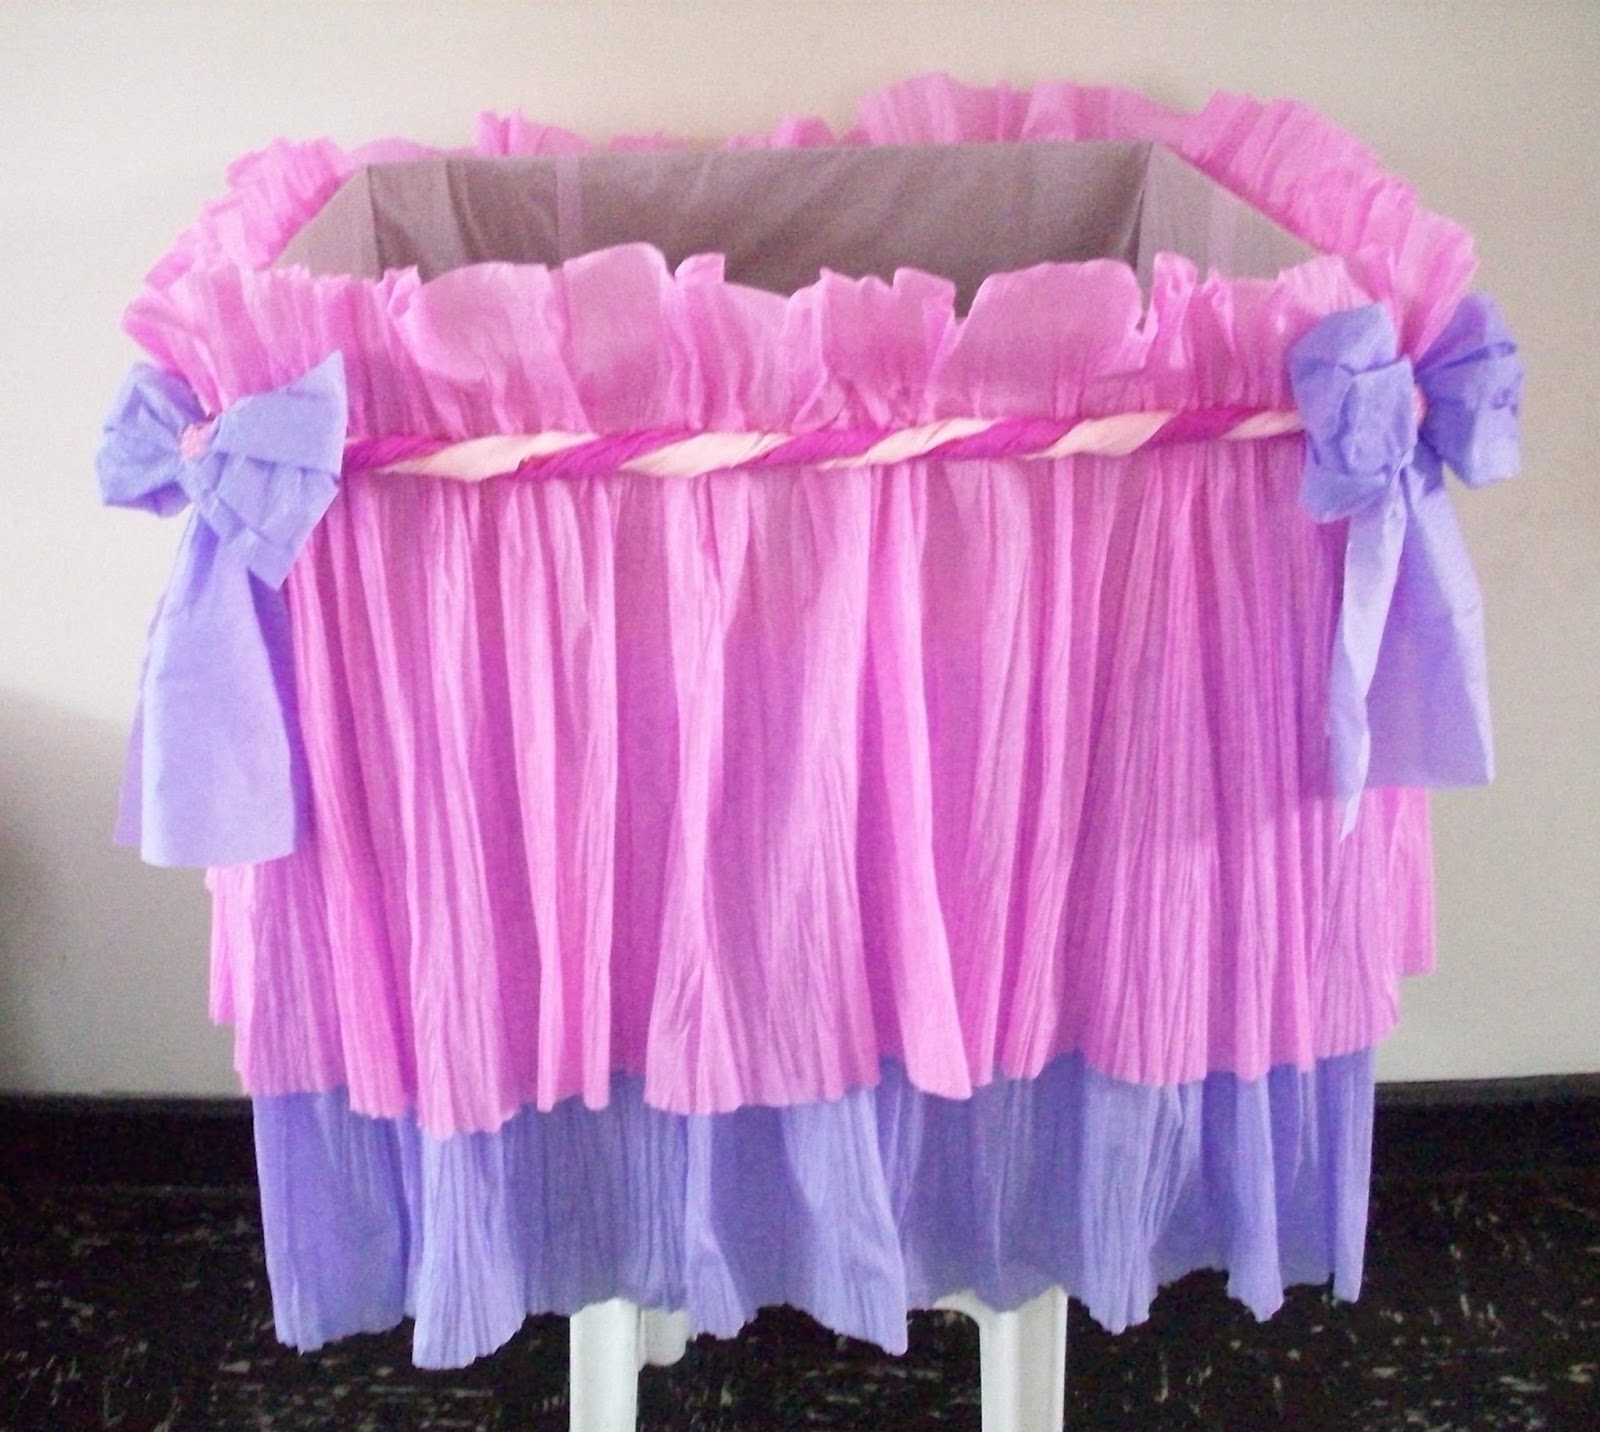 El taller artesano caja forrada para regalos en fiesta - Cajas de decoracion ...